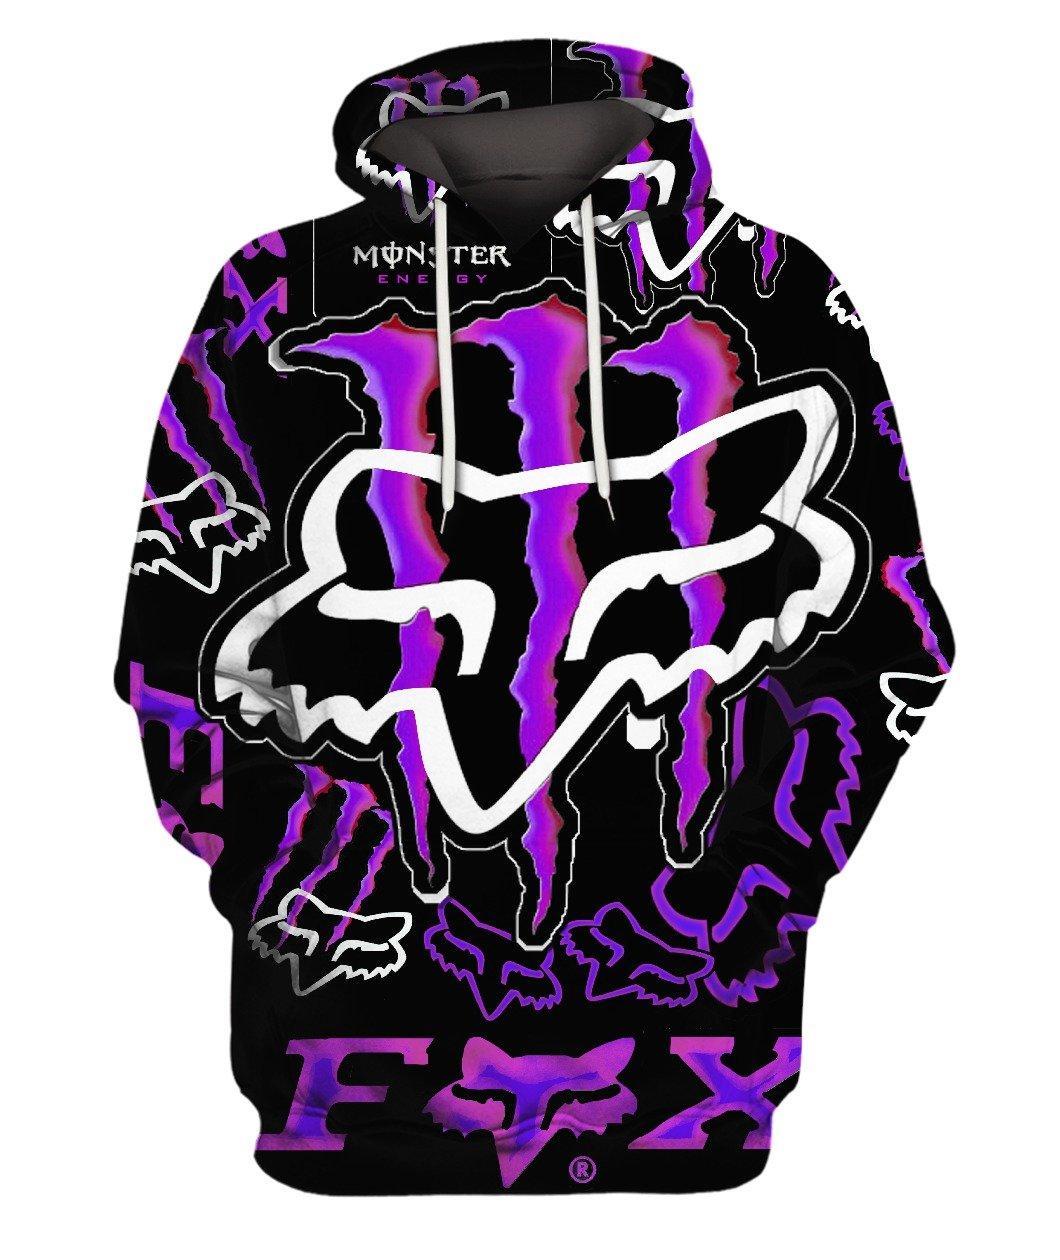 Fox Monster Energy Purple 3d Full Print Hoodie 3d Graphic Printed Tshirt Hoodie Up To 5xl